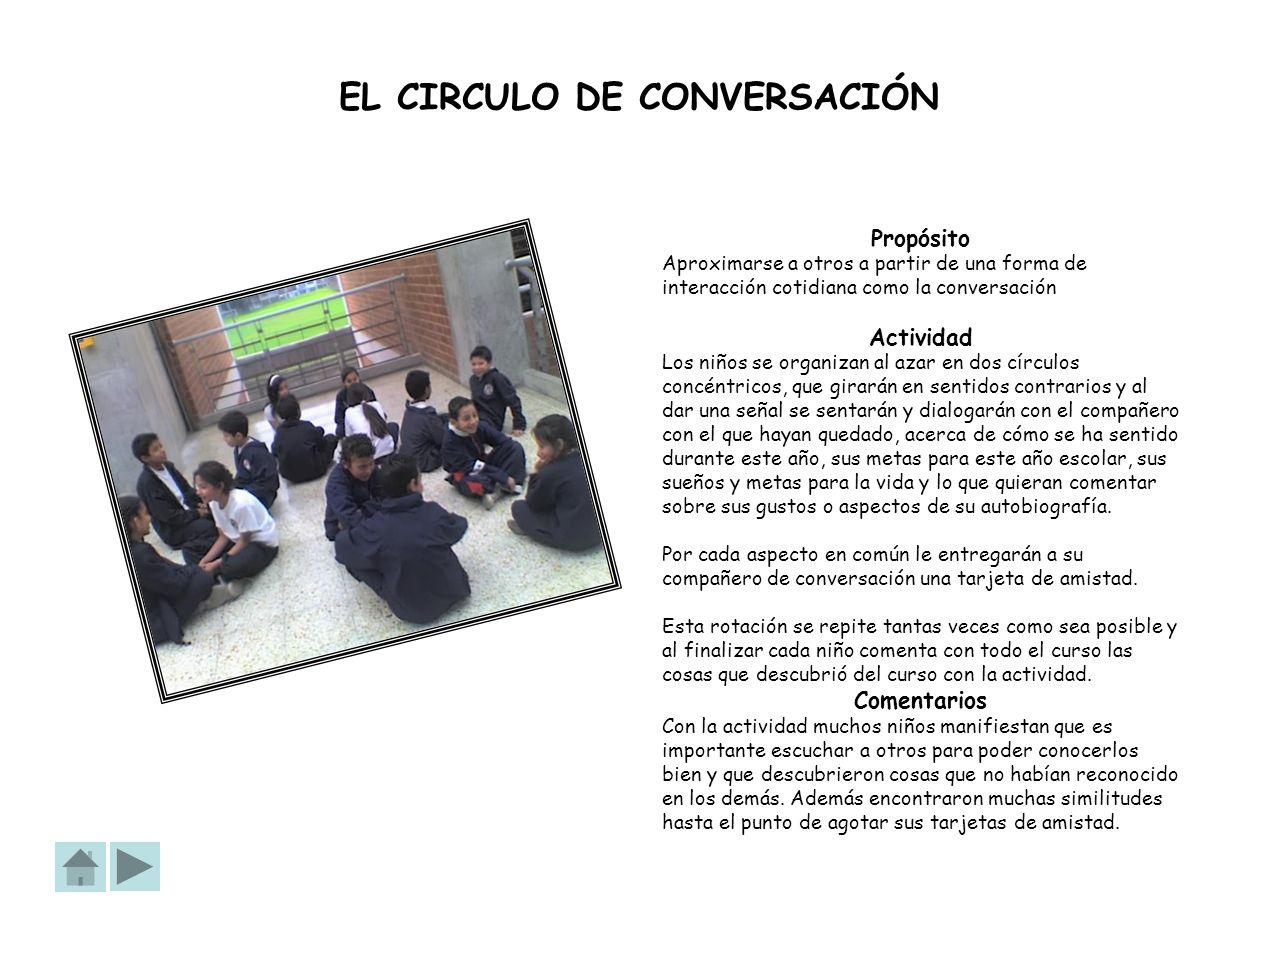 EL CIRCULO DE CONVERSACIÓN